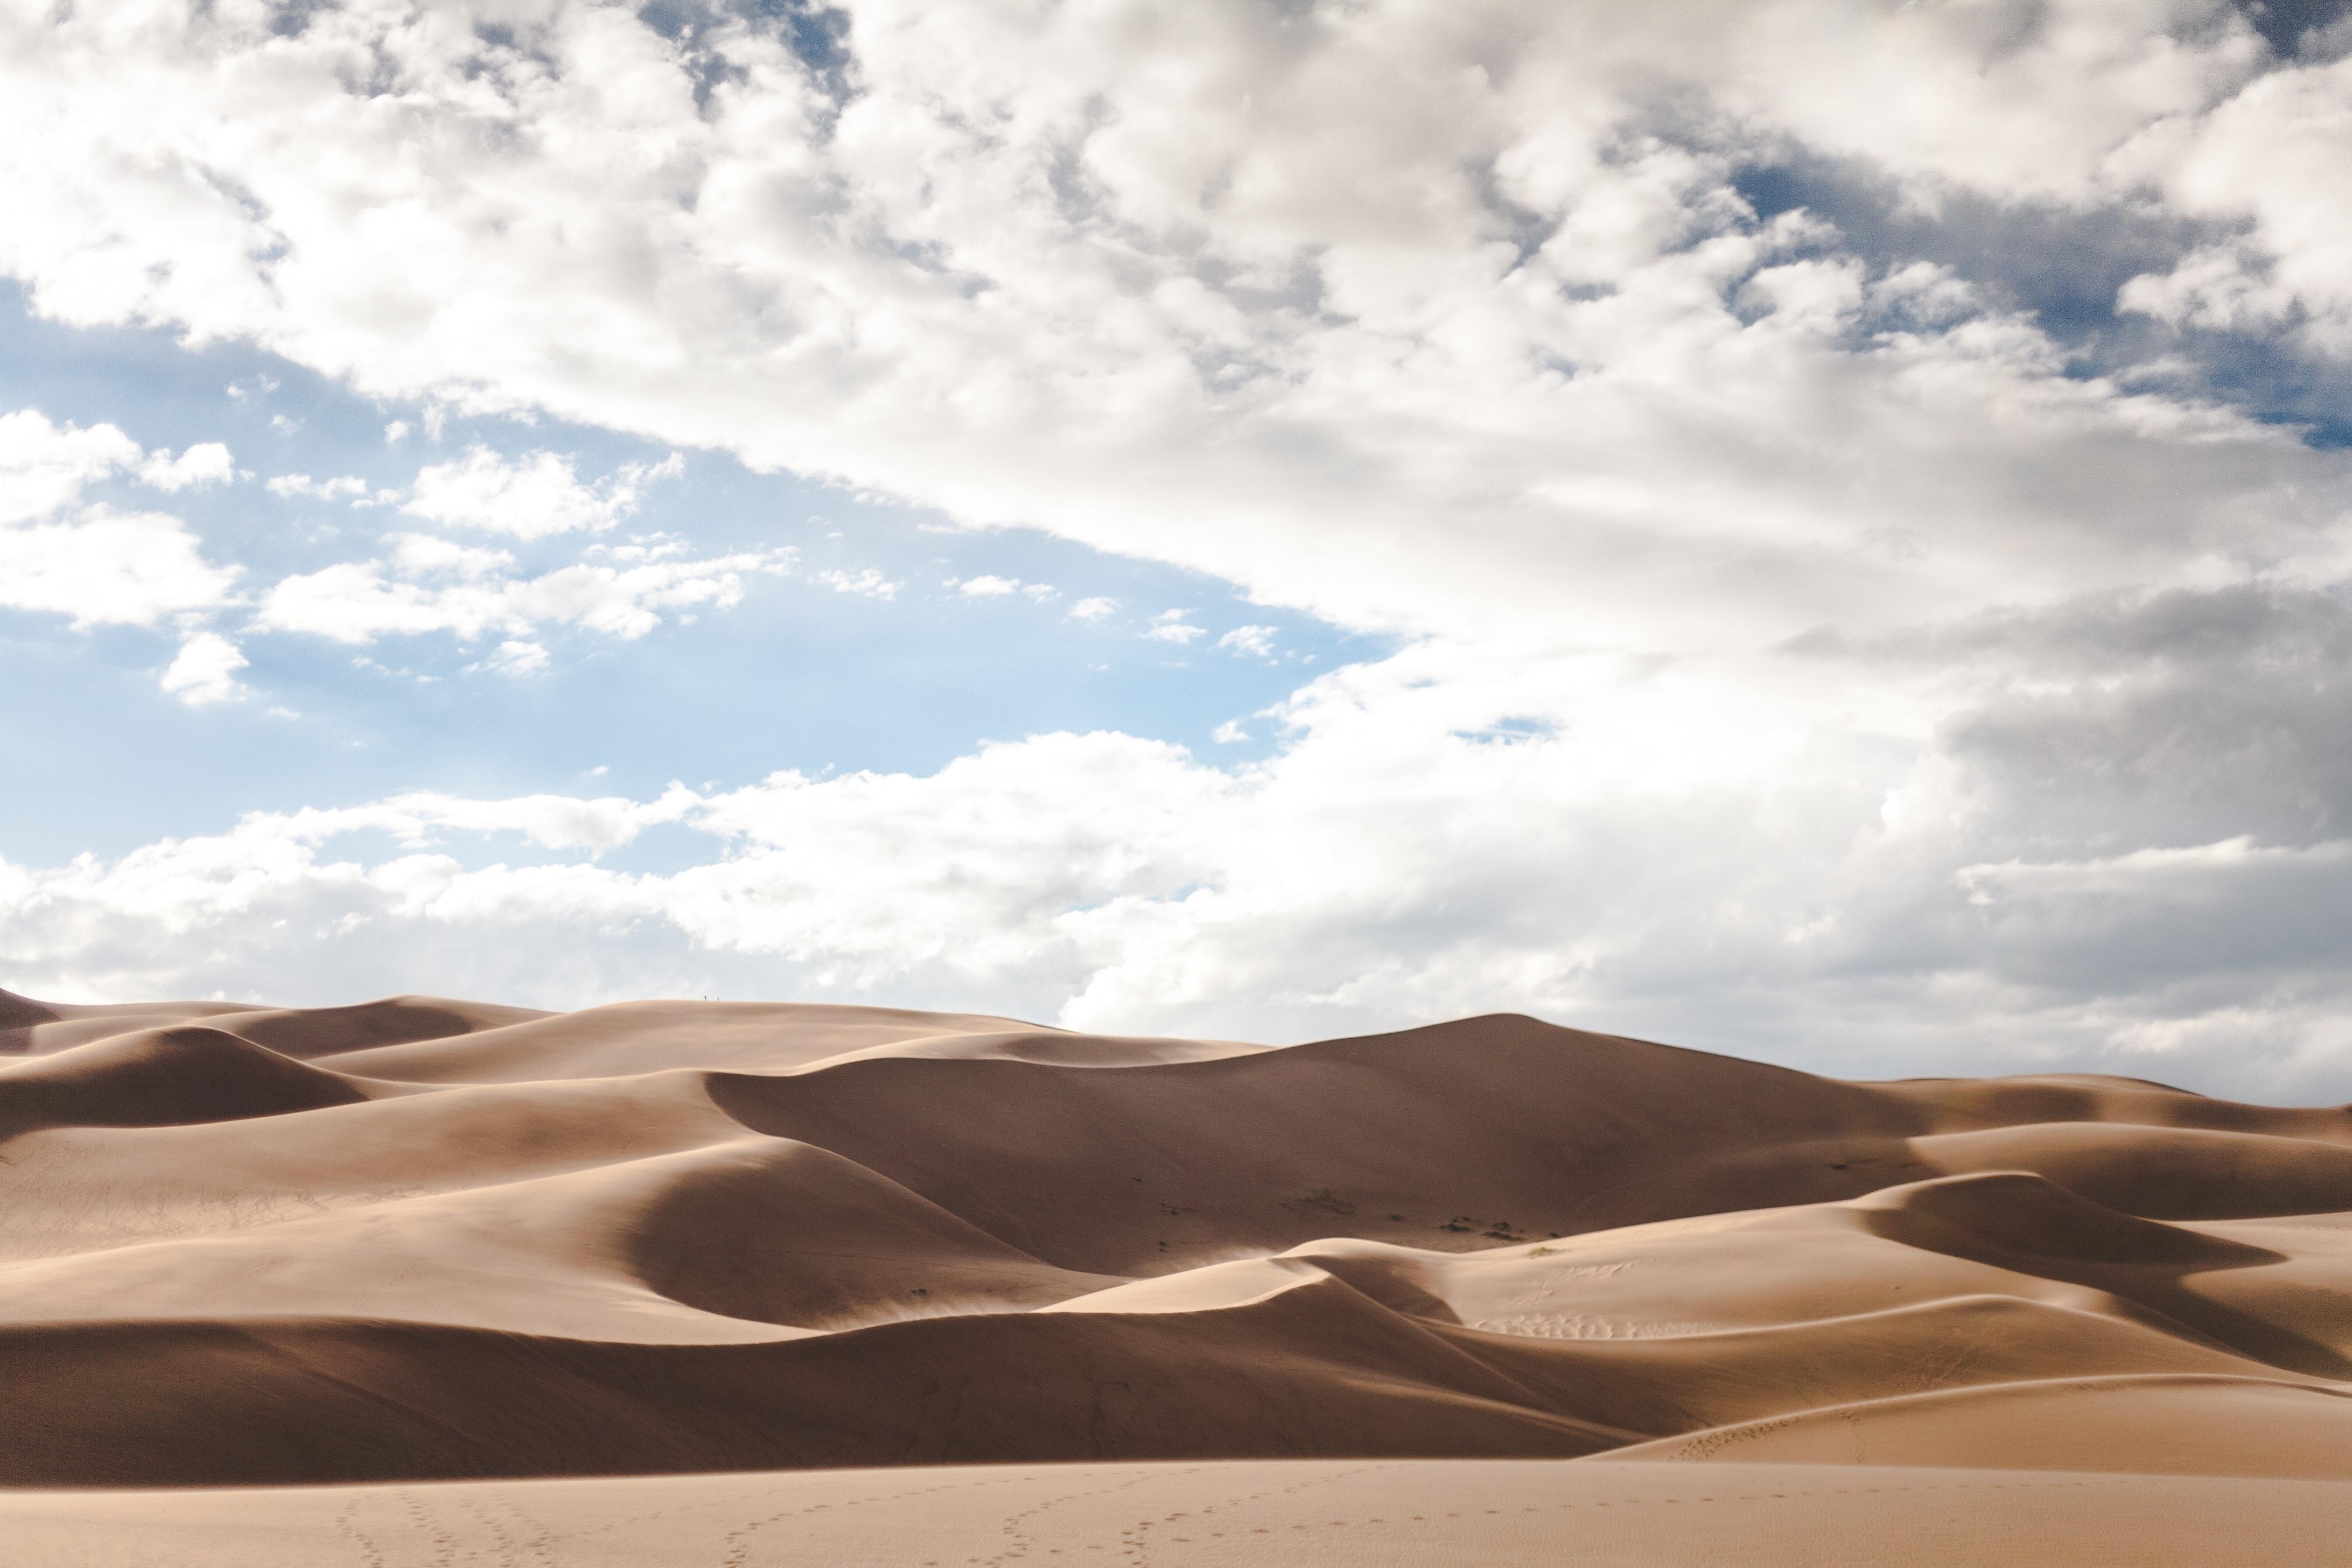 Sand dunes, dunes, desert, heat, sand, dunes, wind